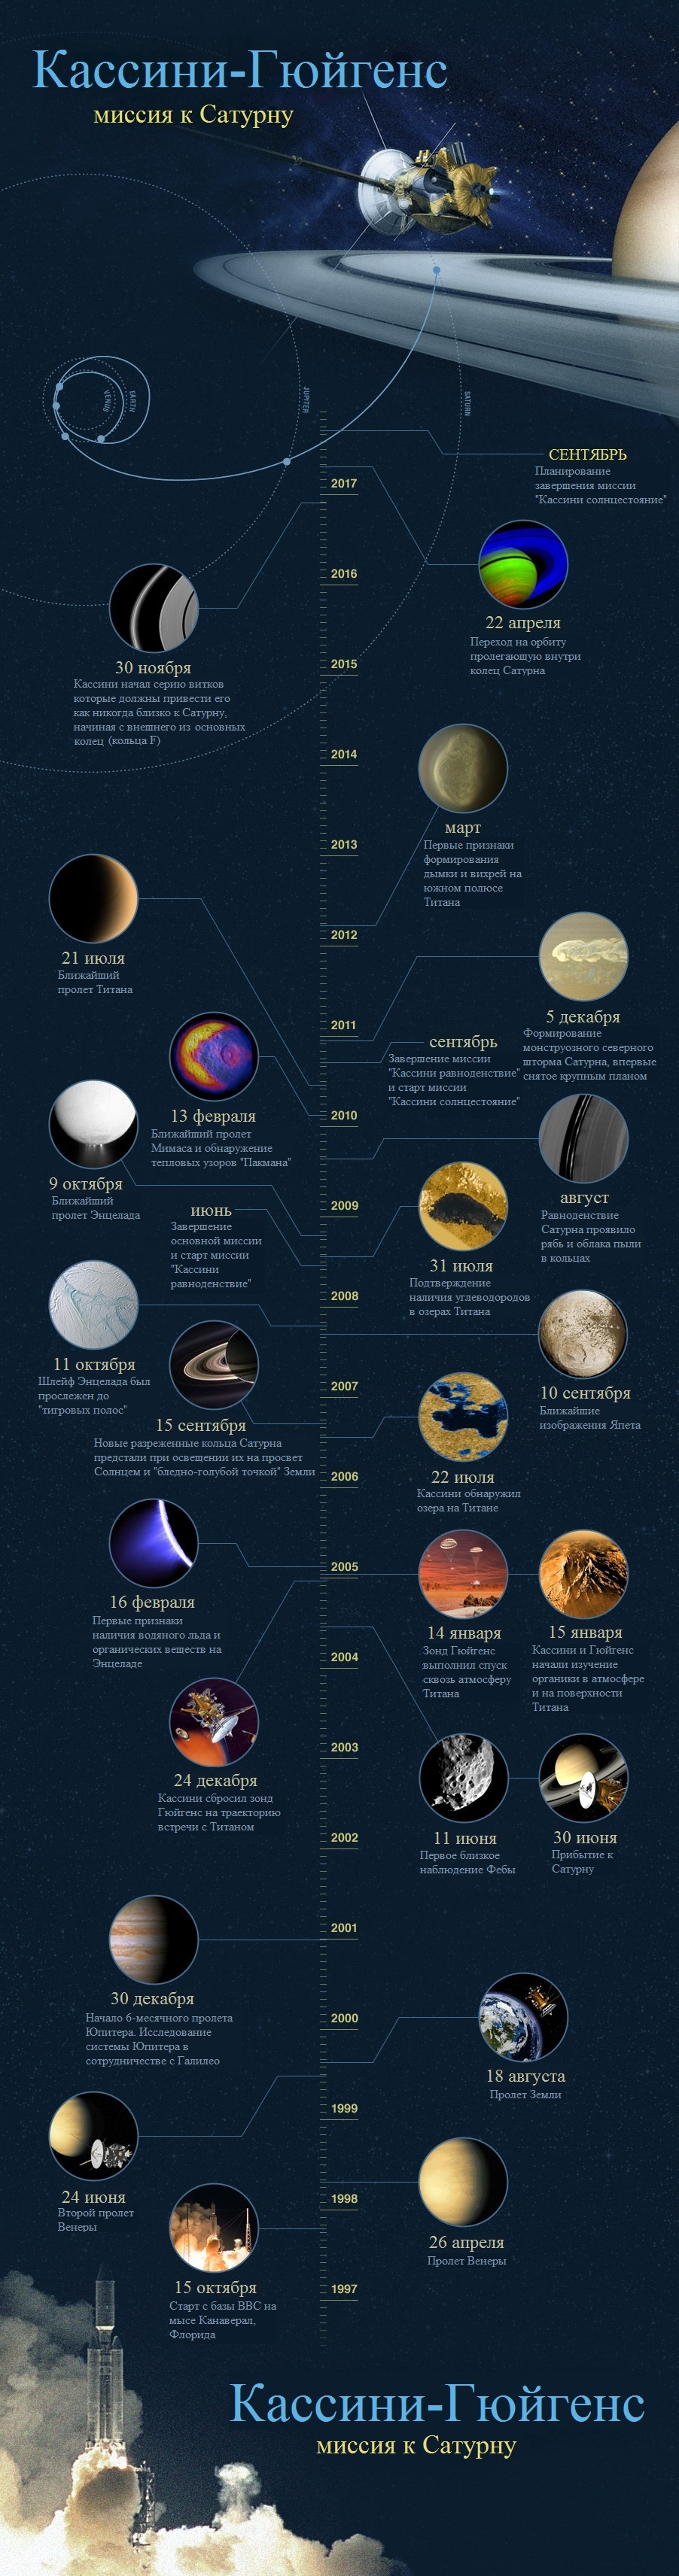 Кассини-Гюйгенс — финал 20 лет исследований - 5